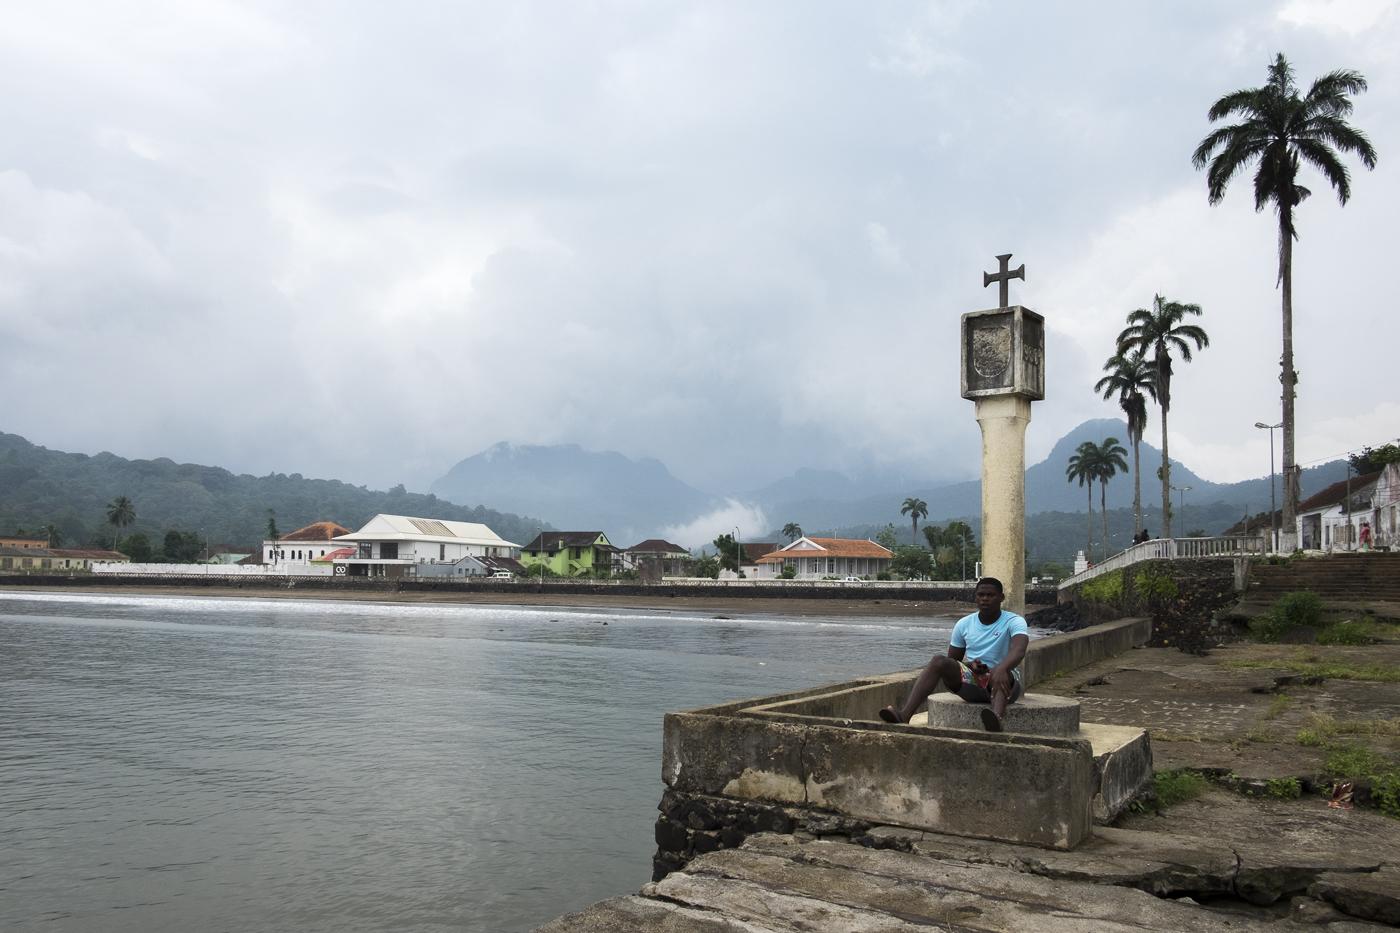 Diário de viagem documental construído em São Tomé e Príncipe em 2016